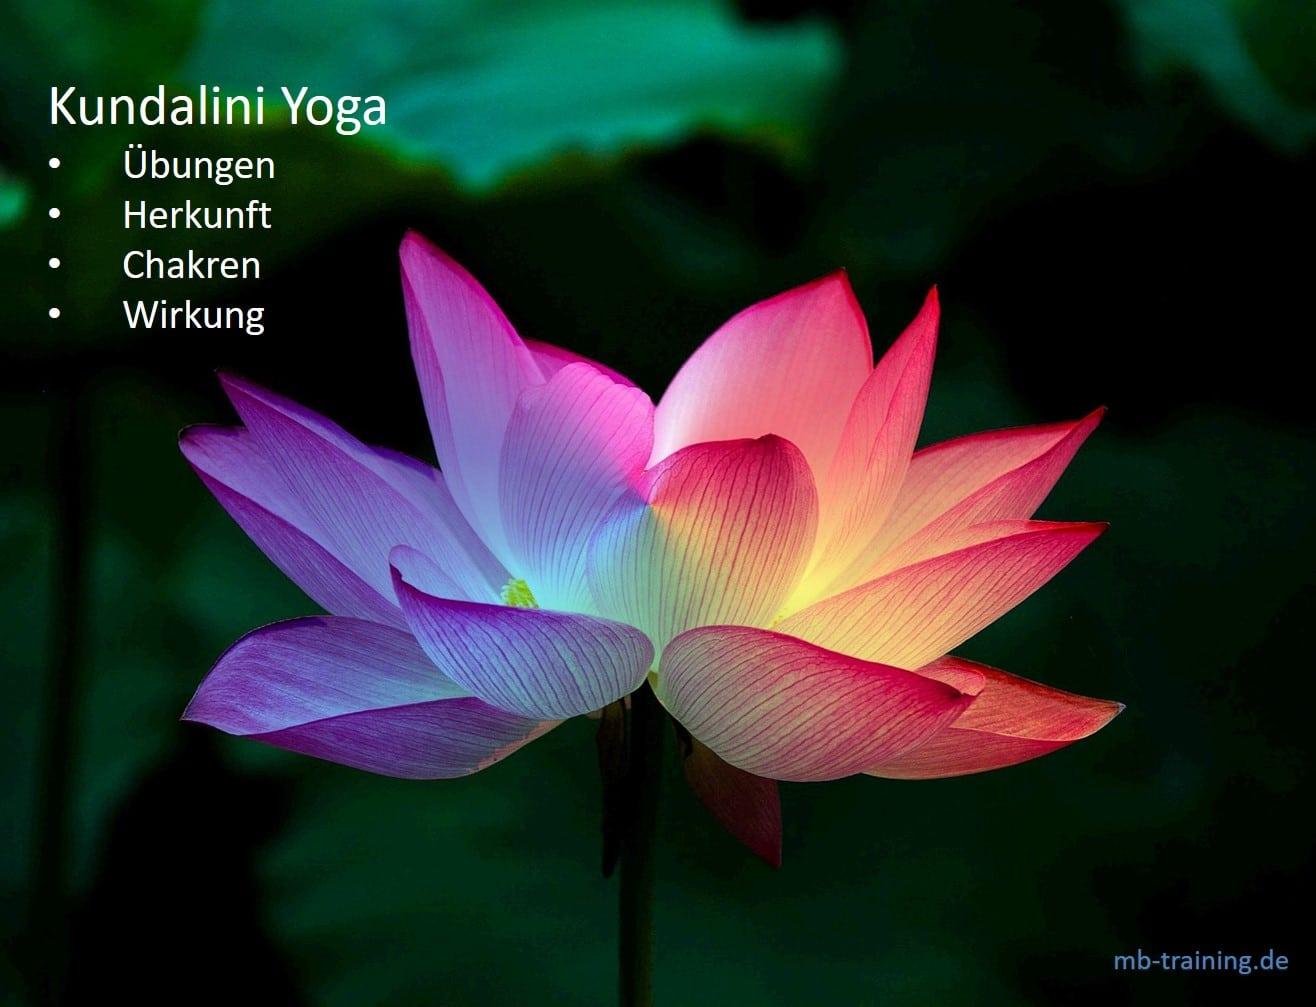 Kundalini Yoga Übungen, Herkunft, Chakren und Wirkung